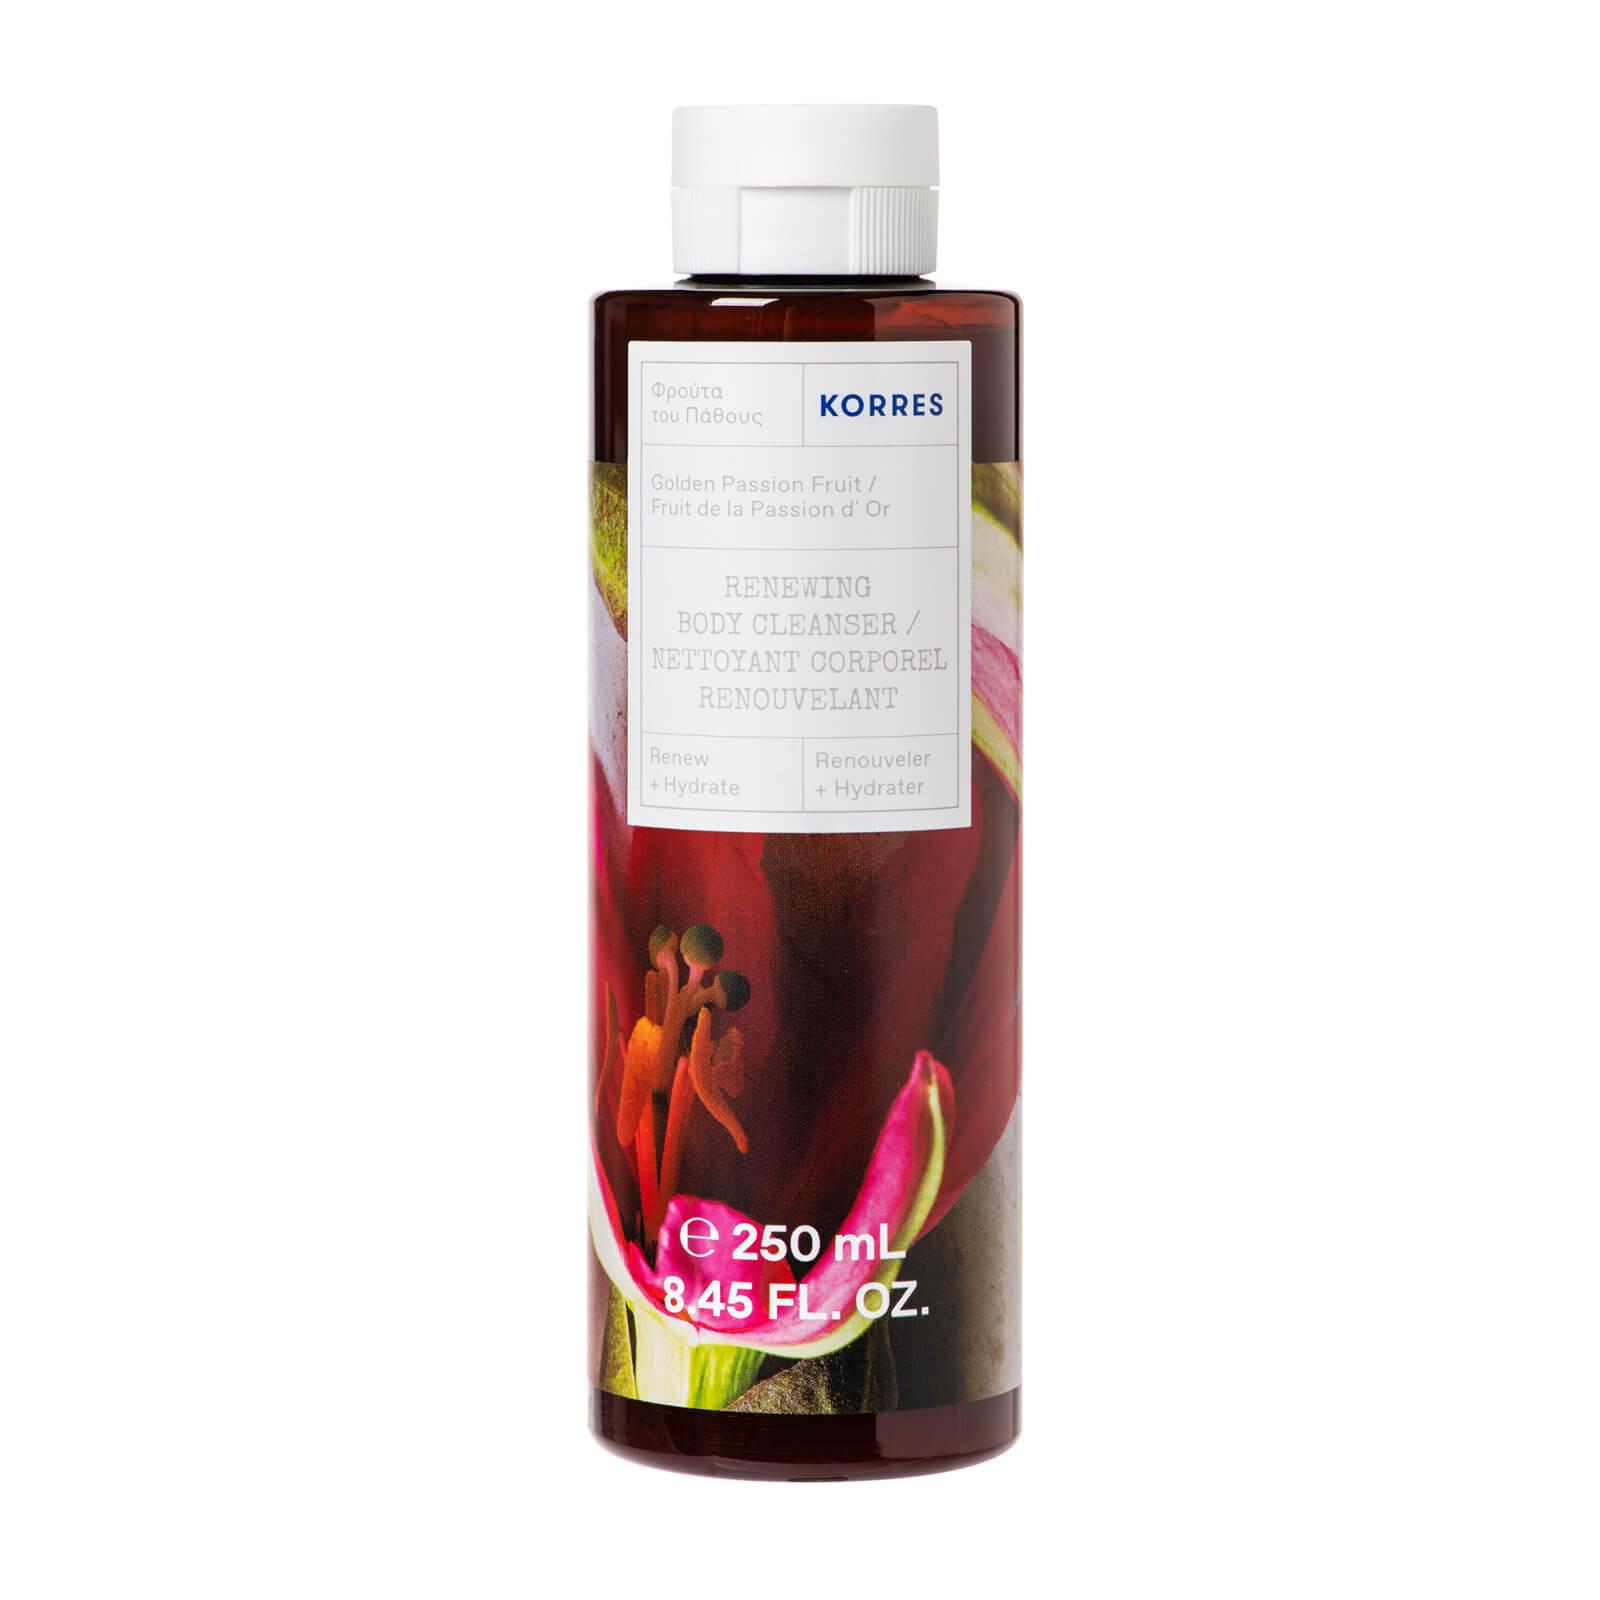 Купить Korres Golden Passionfruit Renewing Body Cleanser 250ml